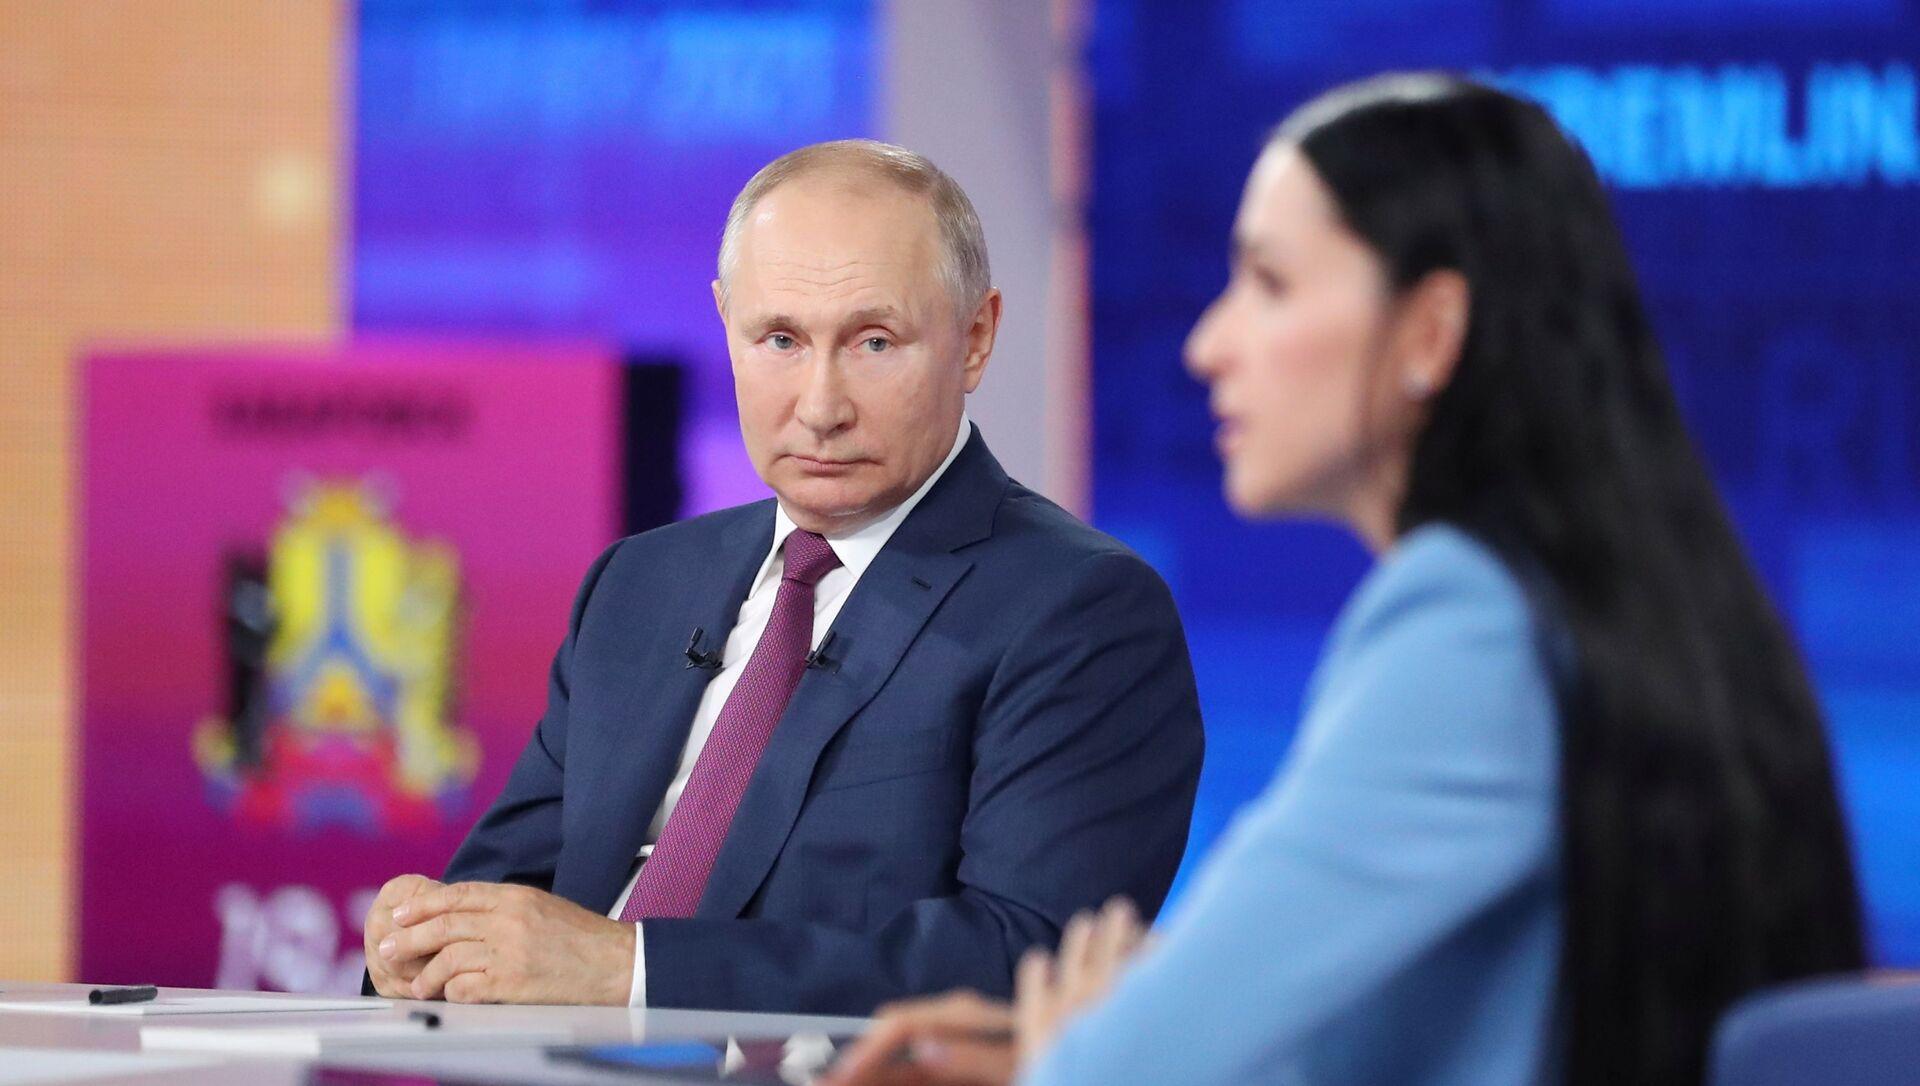 Rusiya prezidenti Vladimir Putin, 30 iyun 2021-ci il  - Sputnik Азербайджан, 1920, 30.06.2021